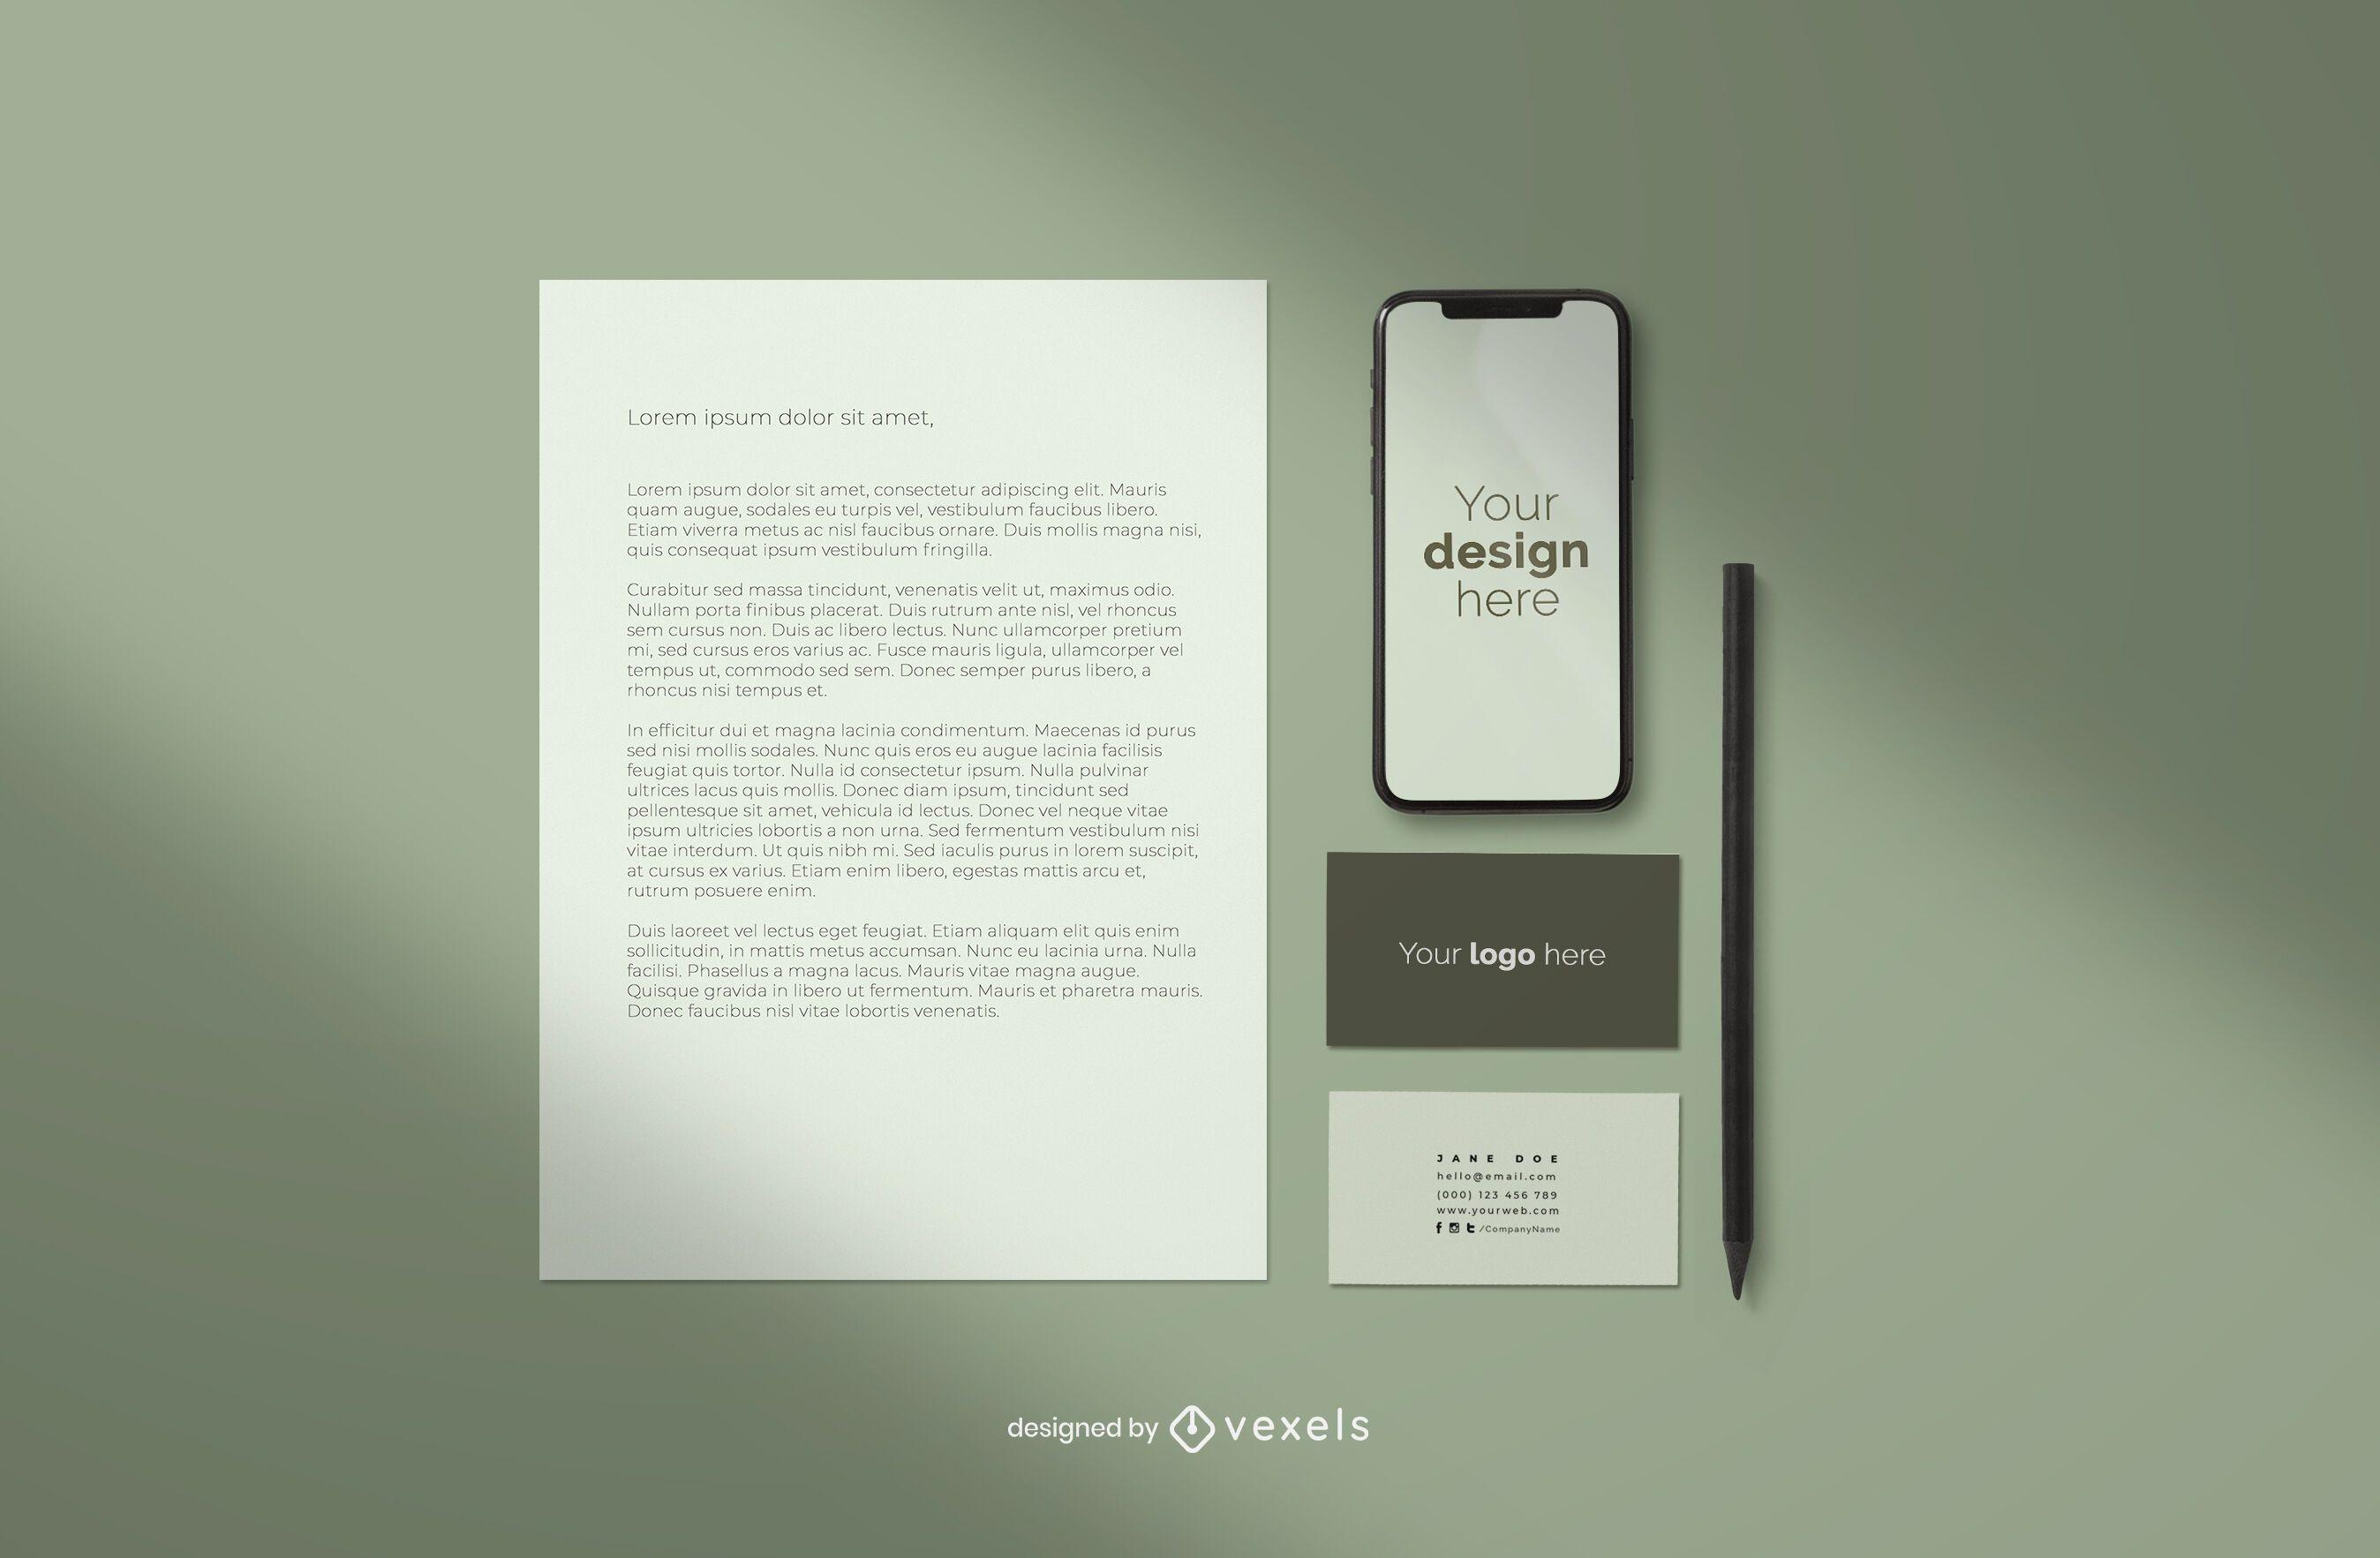 Composição de maquete profissional de branding